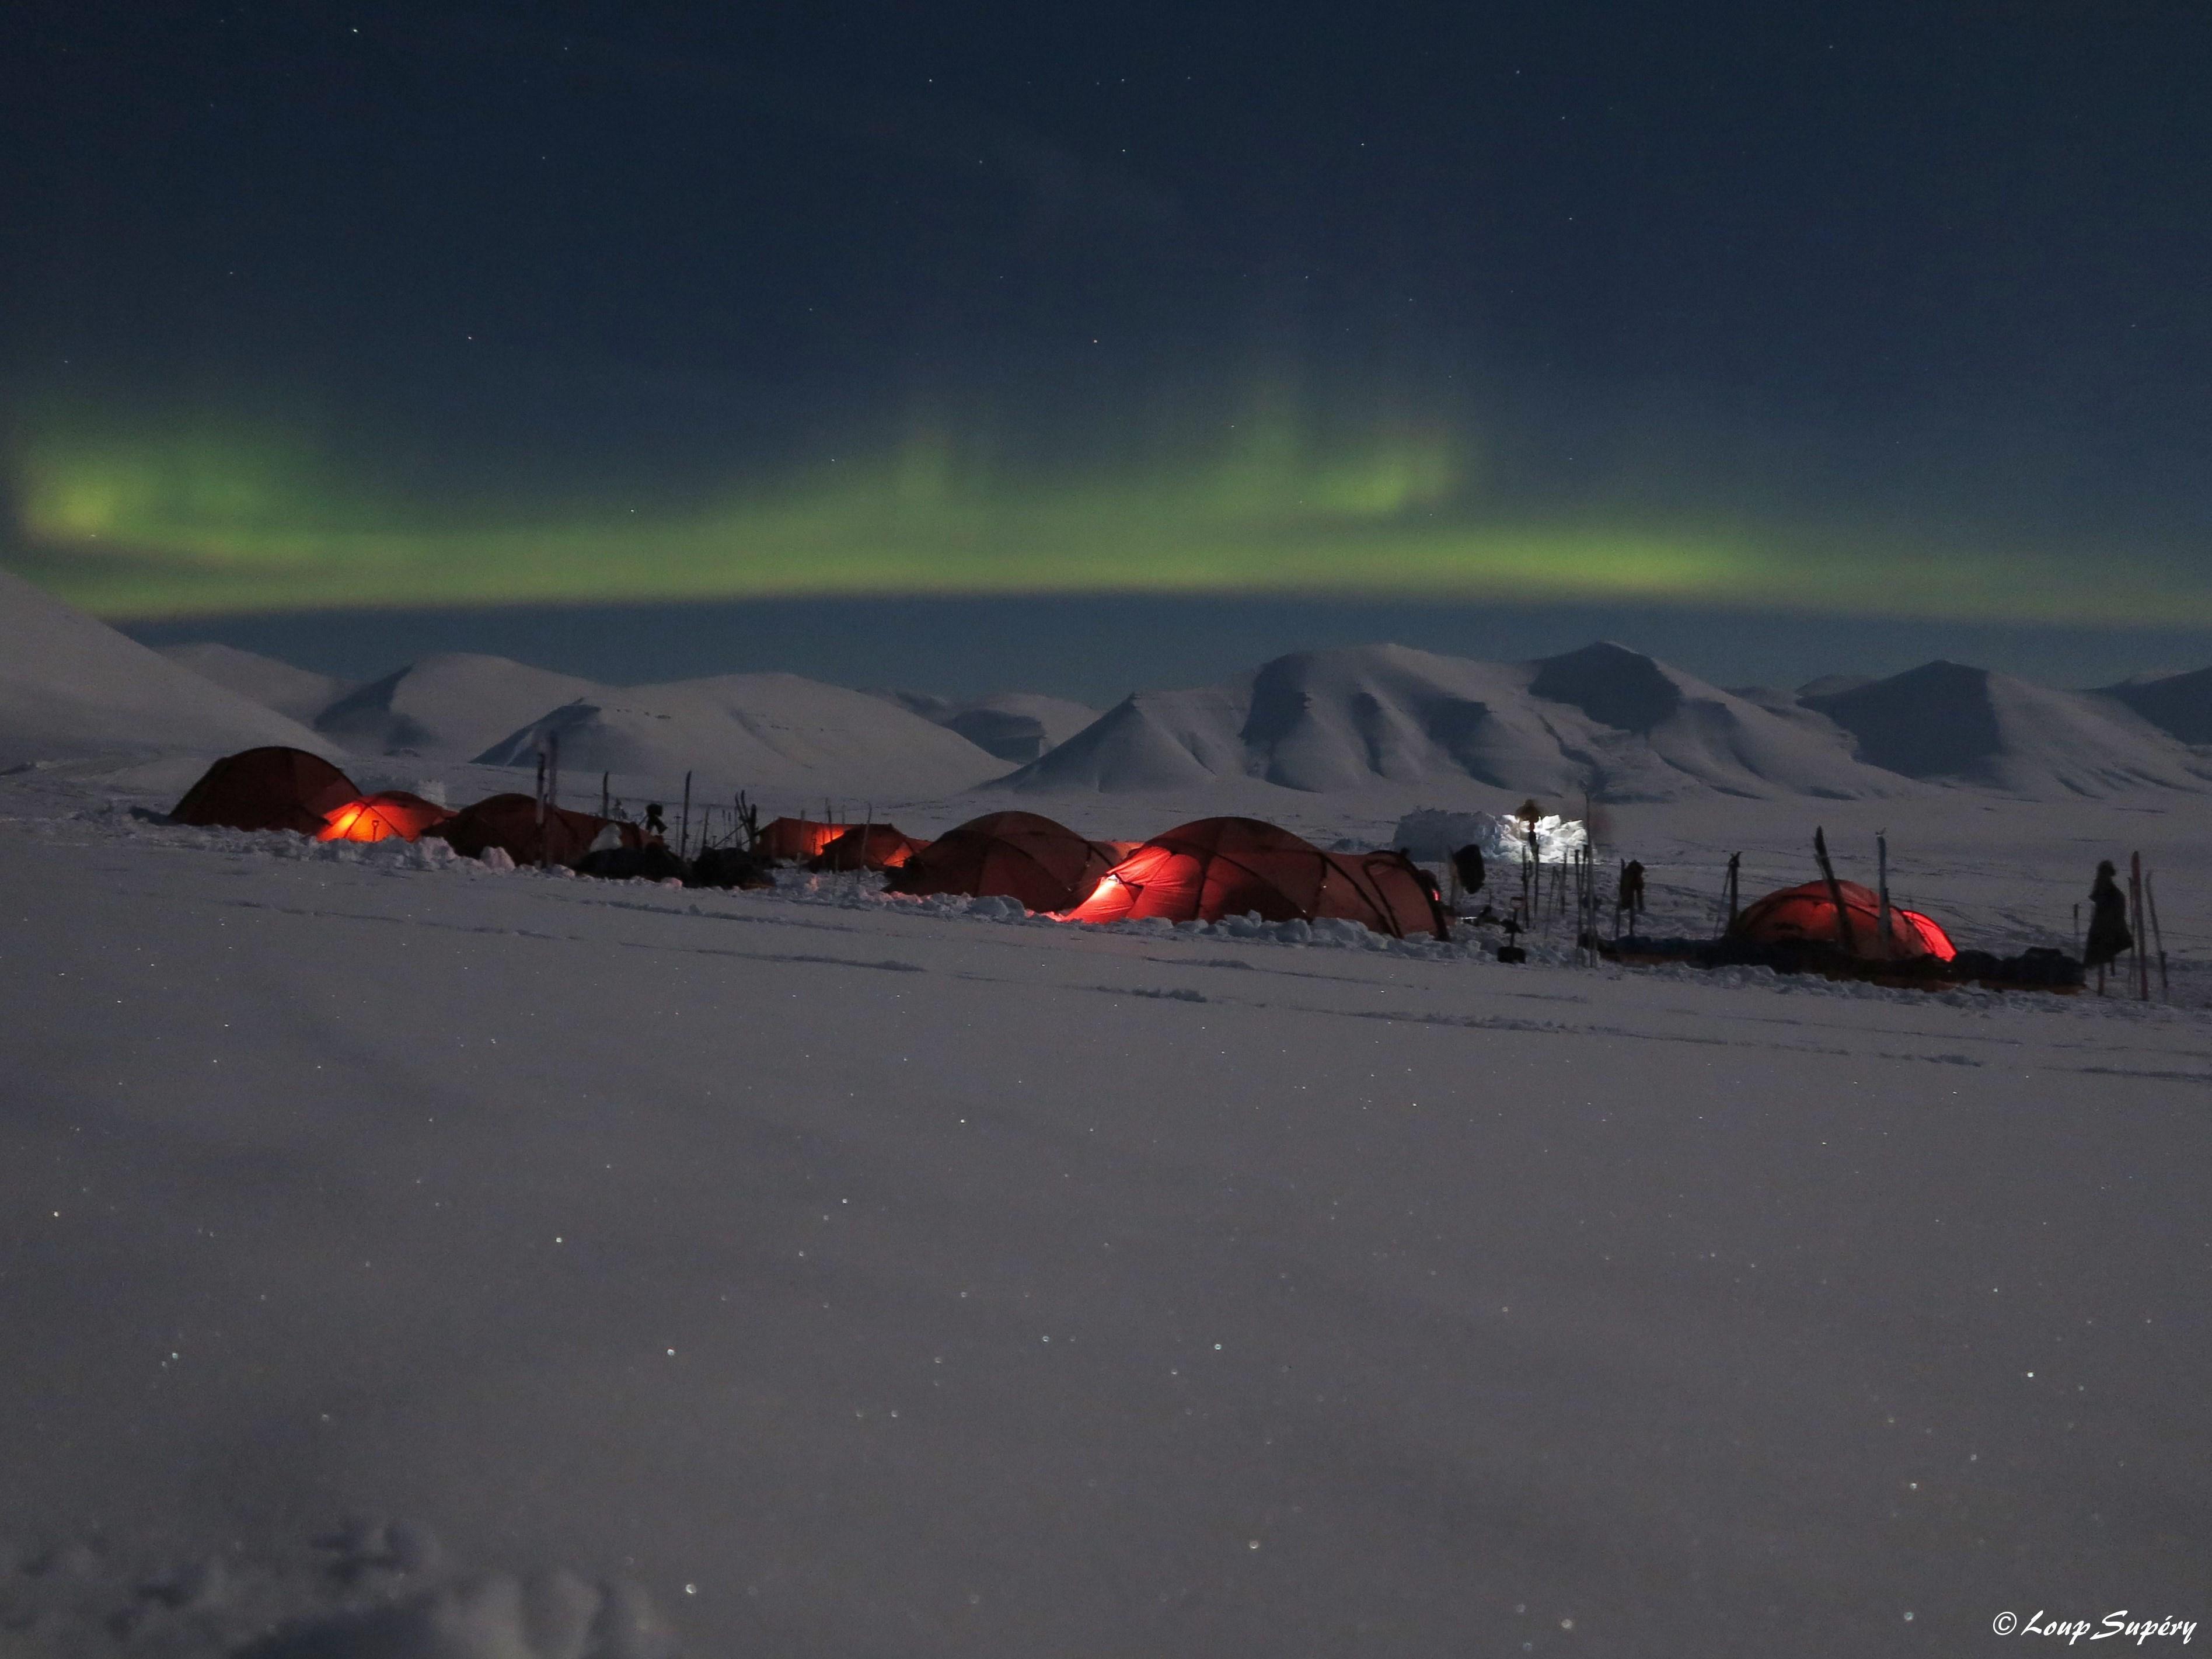 Le camp sous les aurores boréales. Pendant une expédition à skis de 9 jours dans le cadre de la formation. Température -25°C. (mars 2019)